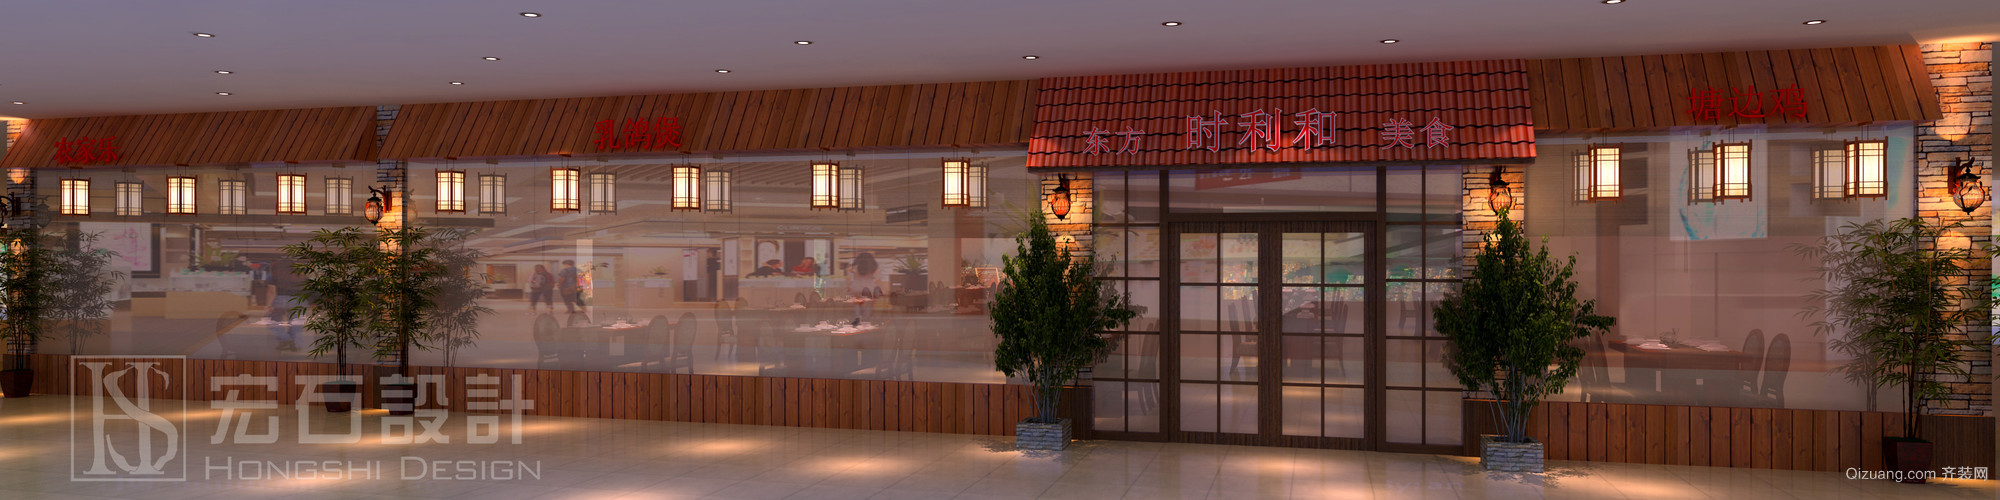 德胜楼酒楼中式风格装修效果图实景图